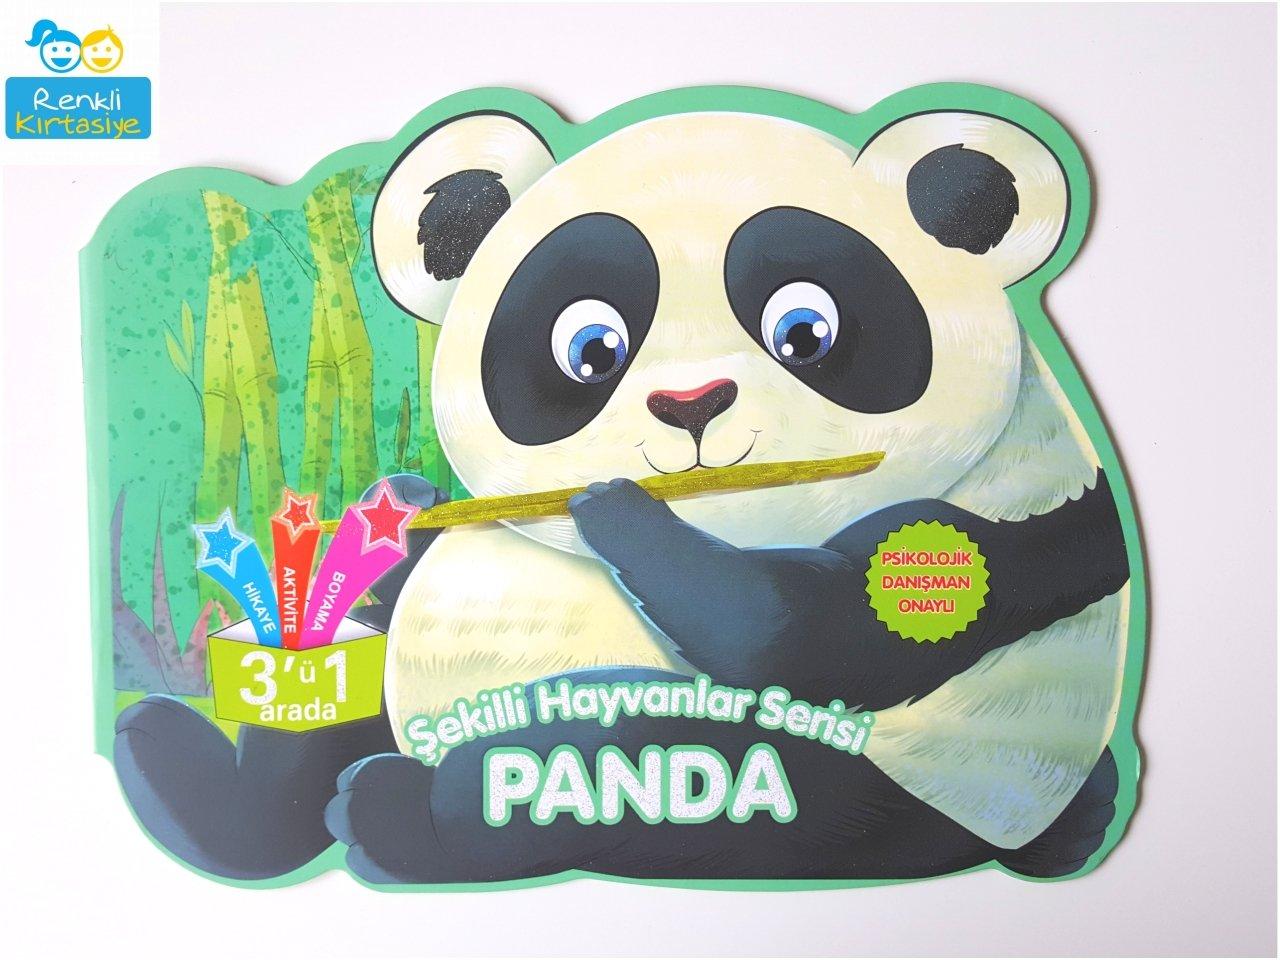 şekilli Hayvanlar Serisi Panda 3ü 1 Arada Aktivite Kitabı